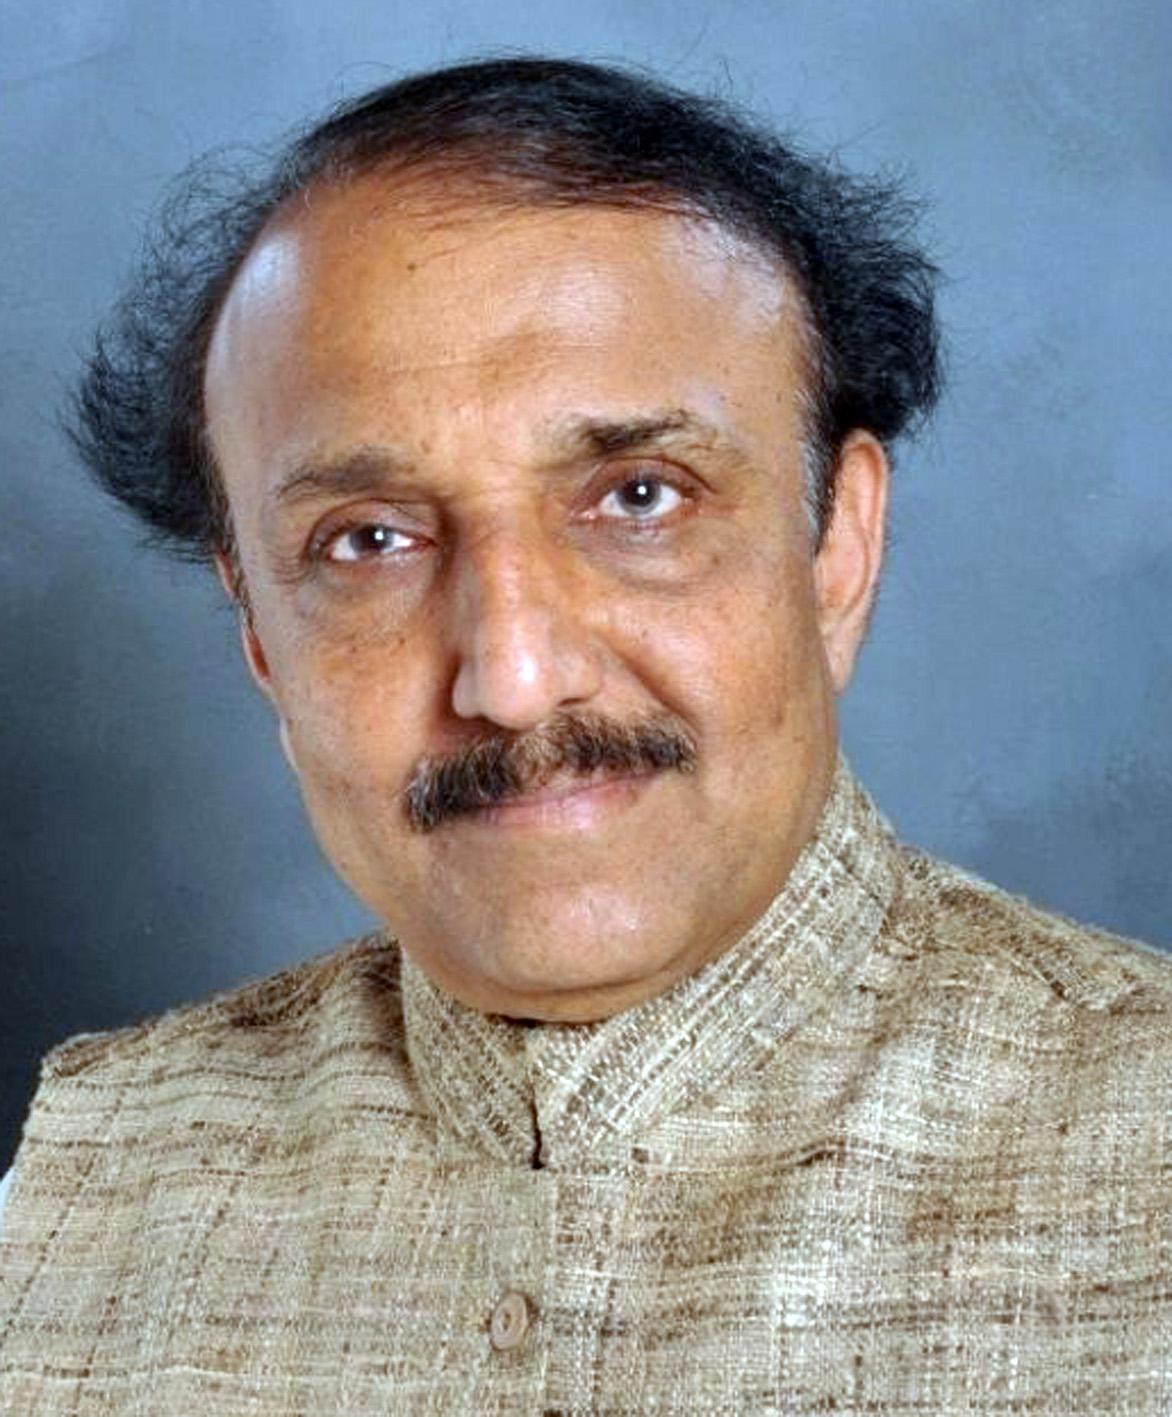 महाराष्ट्र काँग्रेस प्रदेश प्रवक्तेपदी गोपाळ तिवारी यांची नियुक्ती